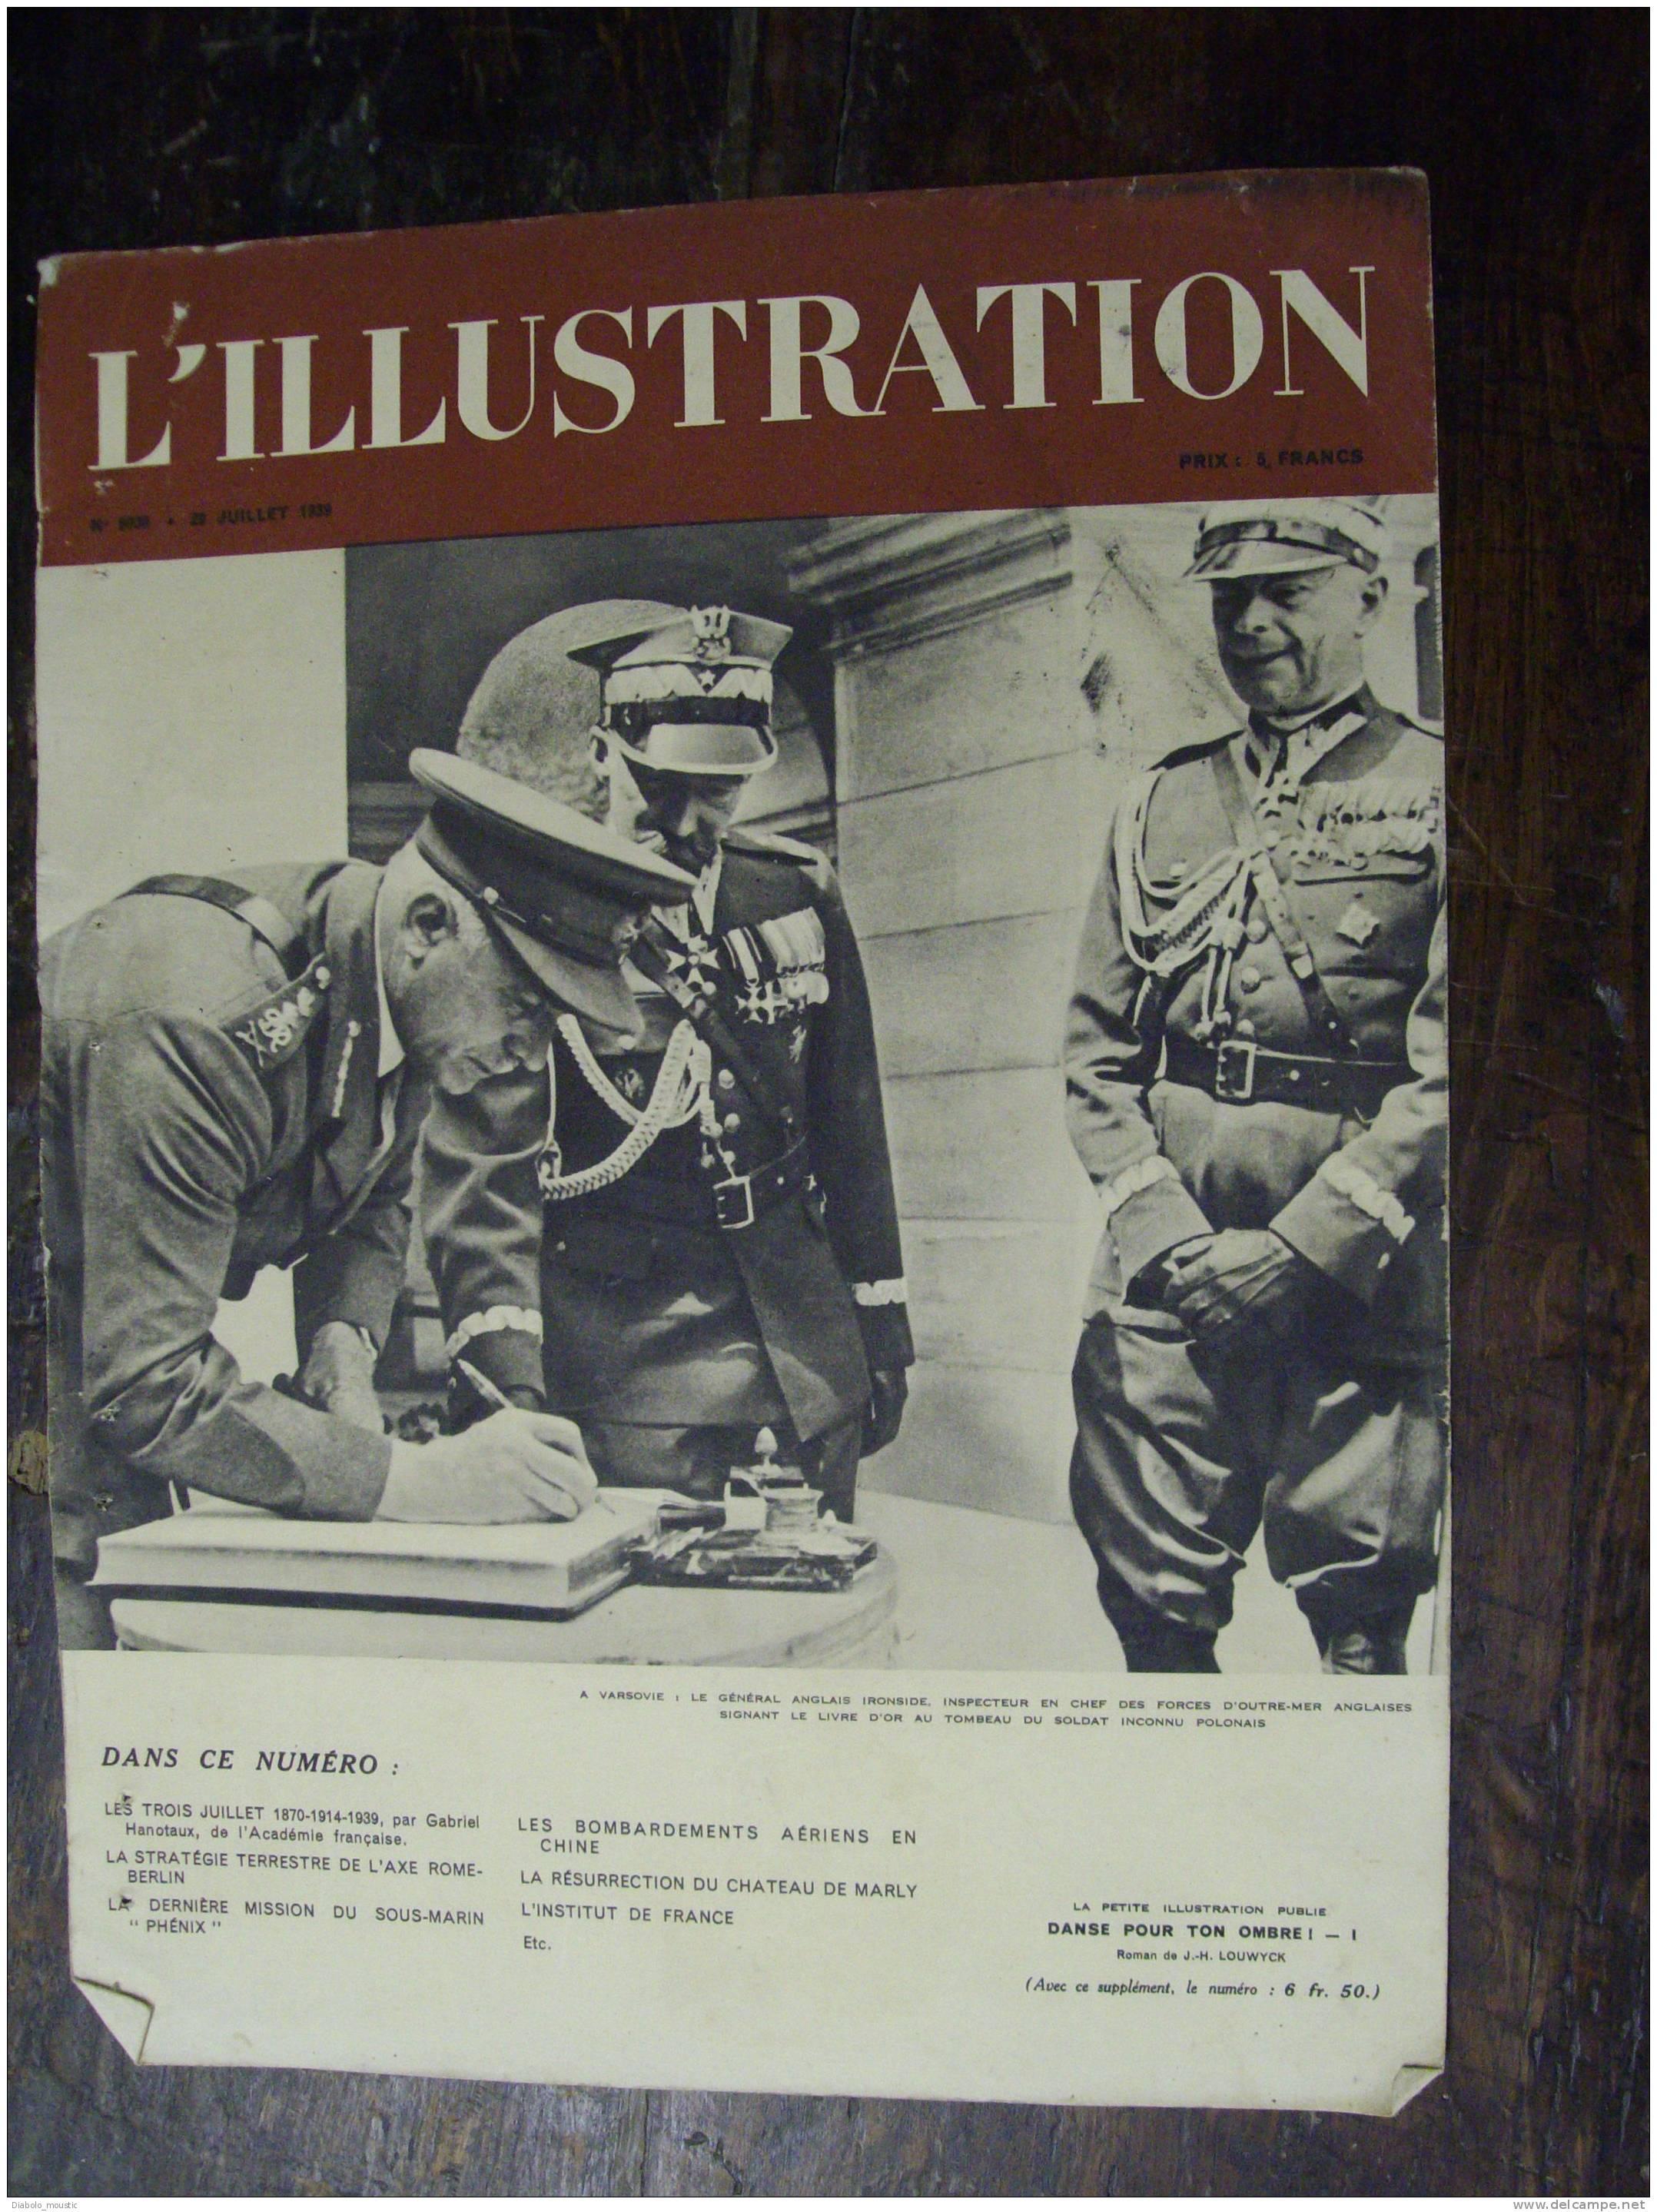 Couverture De Garde Du N° 5030  Du 29 Juillet 1939 ..A VARSOVIE LE GENERAL ANGLAIS SIGNE LE LIVRE D´OR AU TOMBEAU DU ... - Zeitungen